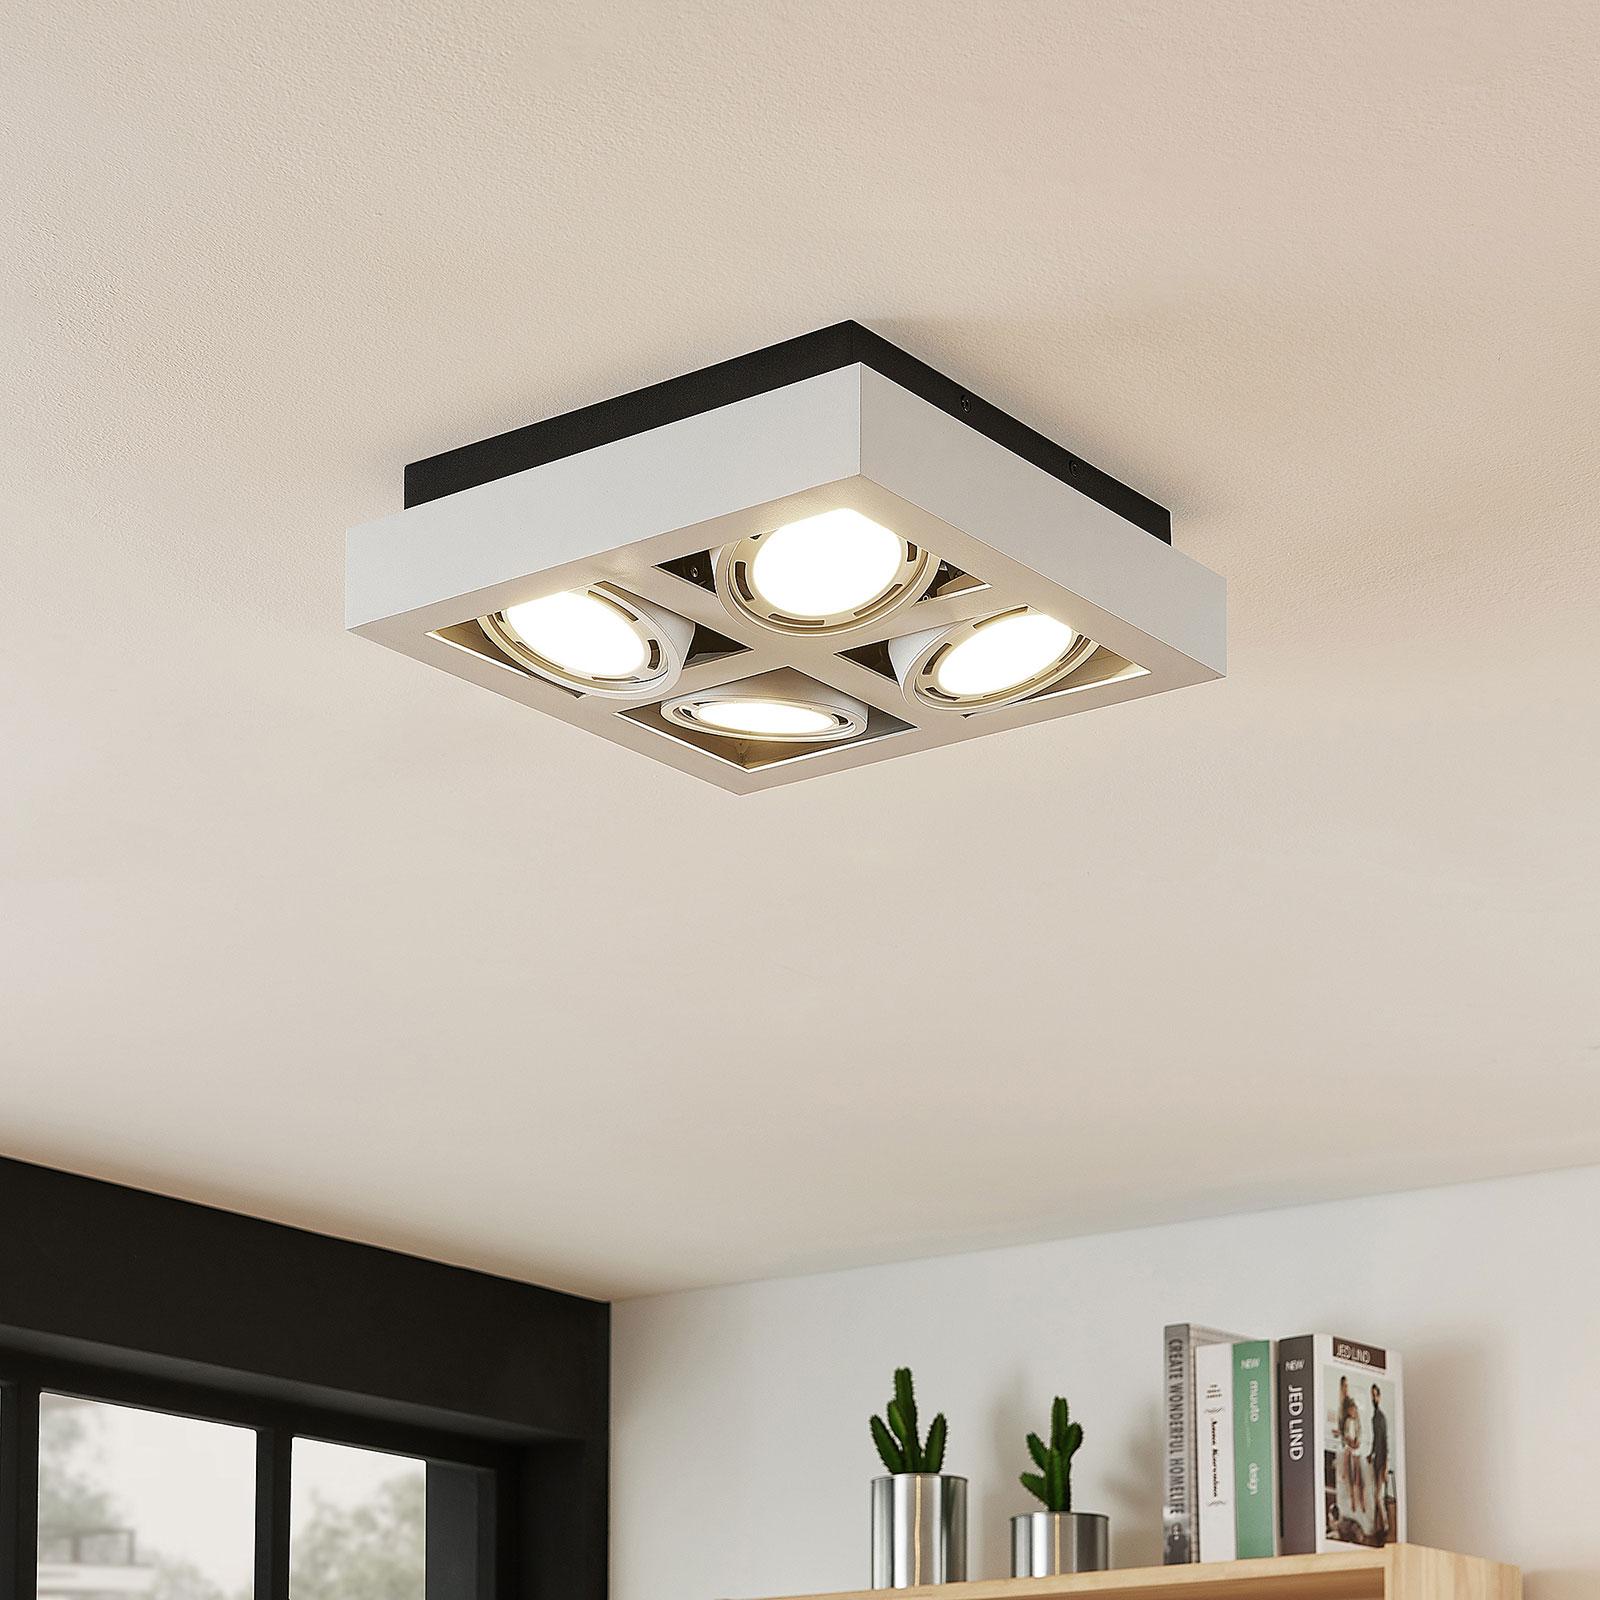 LED-Deckenstrahler Ronka, 4-fl., quadratisch, weiß